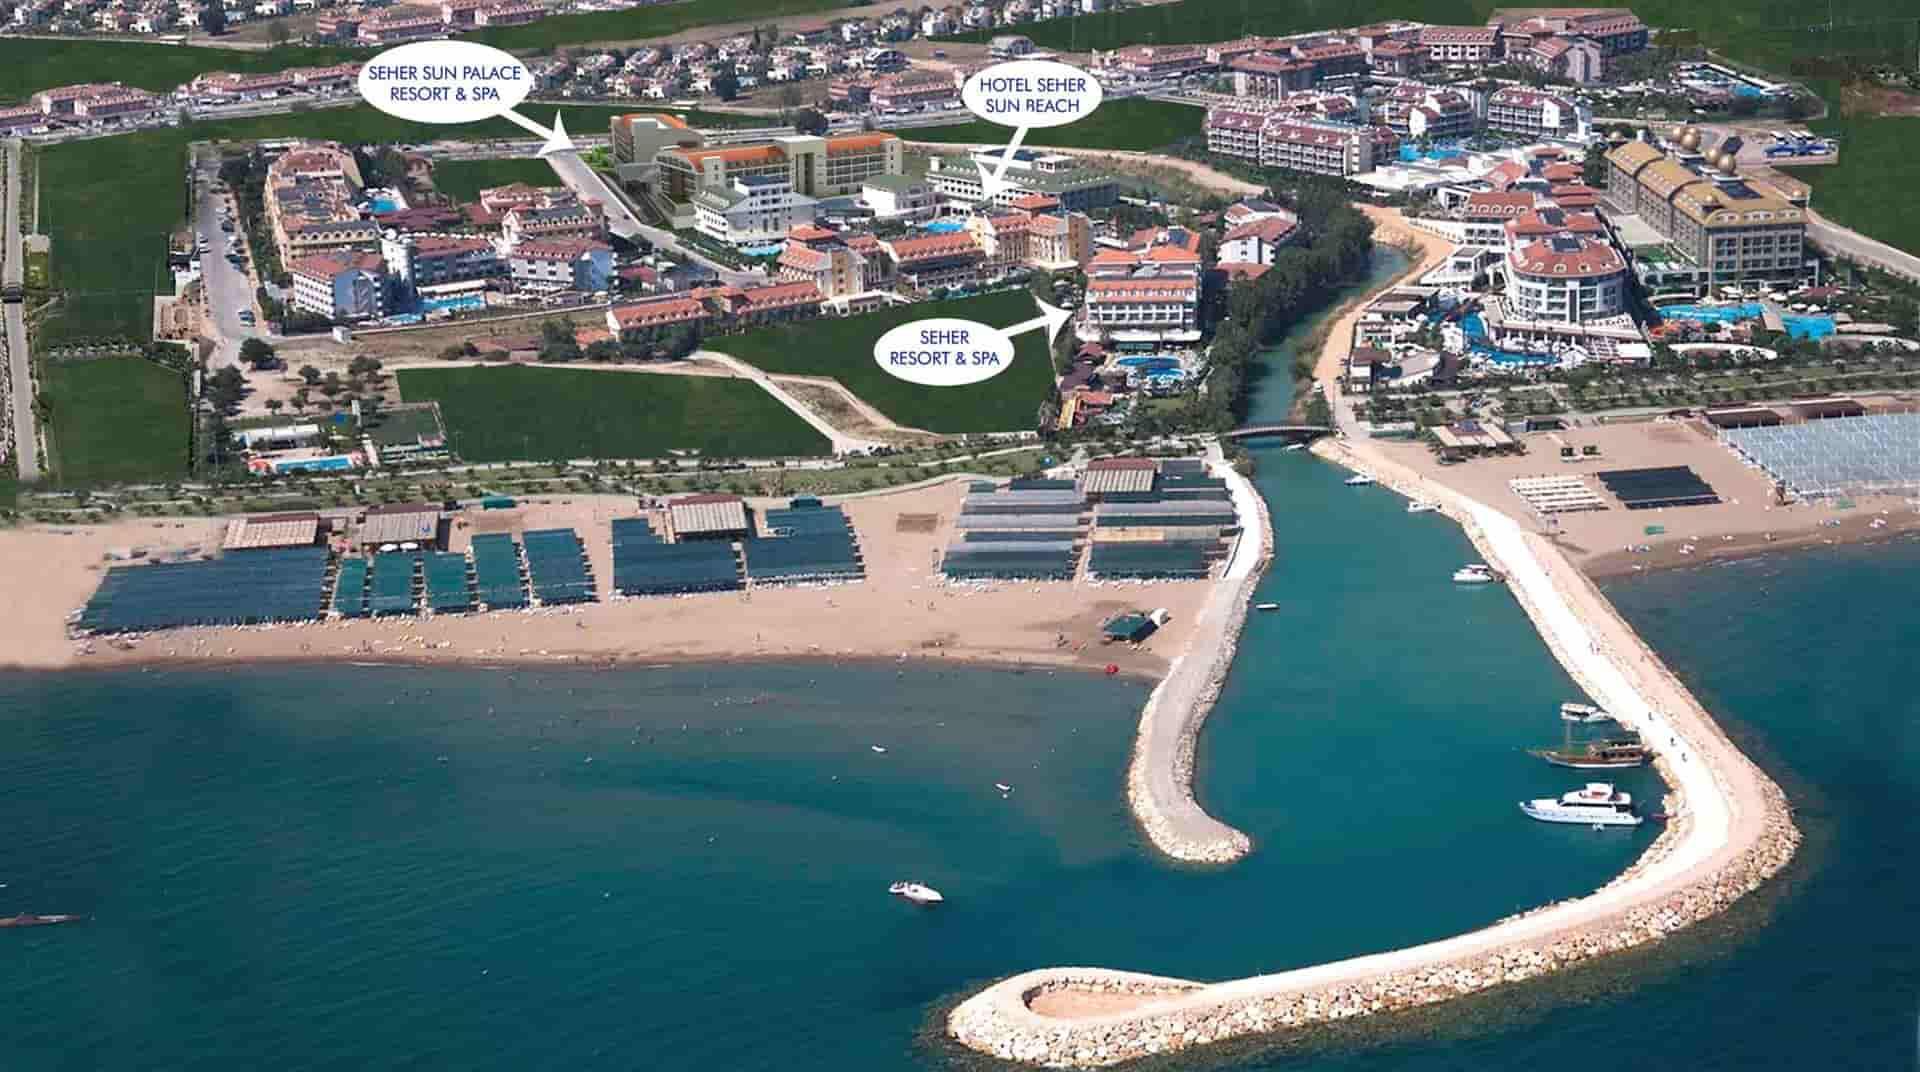 Seher Sun Palace Resort13-min